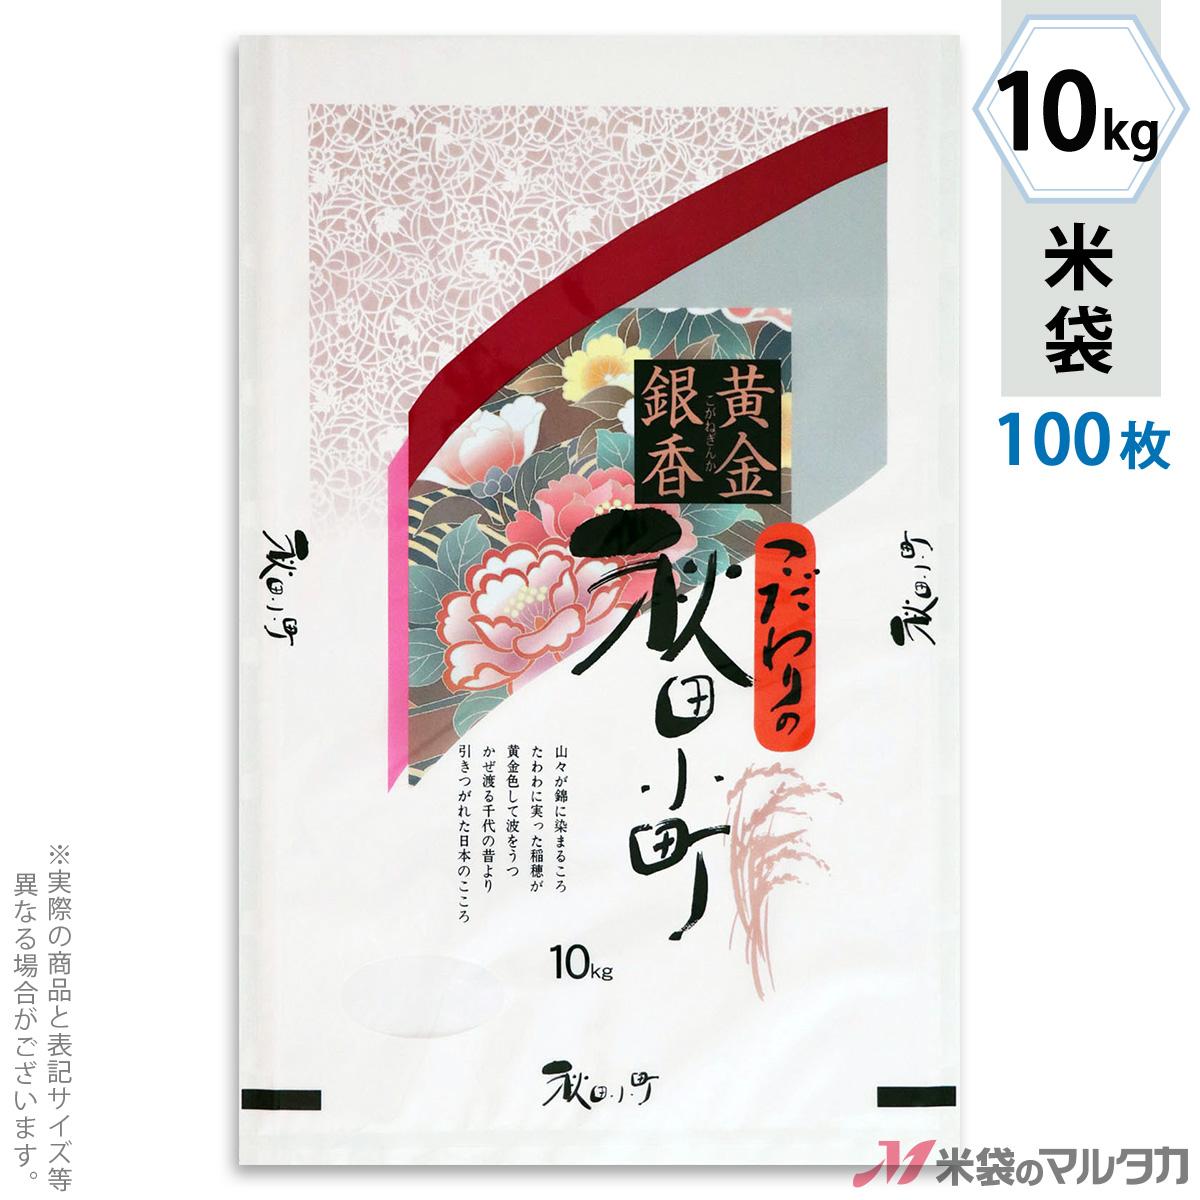 米袋 ラミ フレブレス 秋田小町 黄金銀香 10kg 100枚セット MN-1010